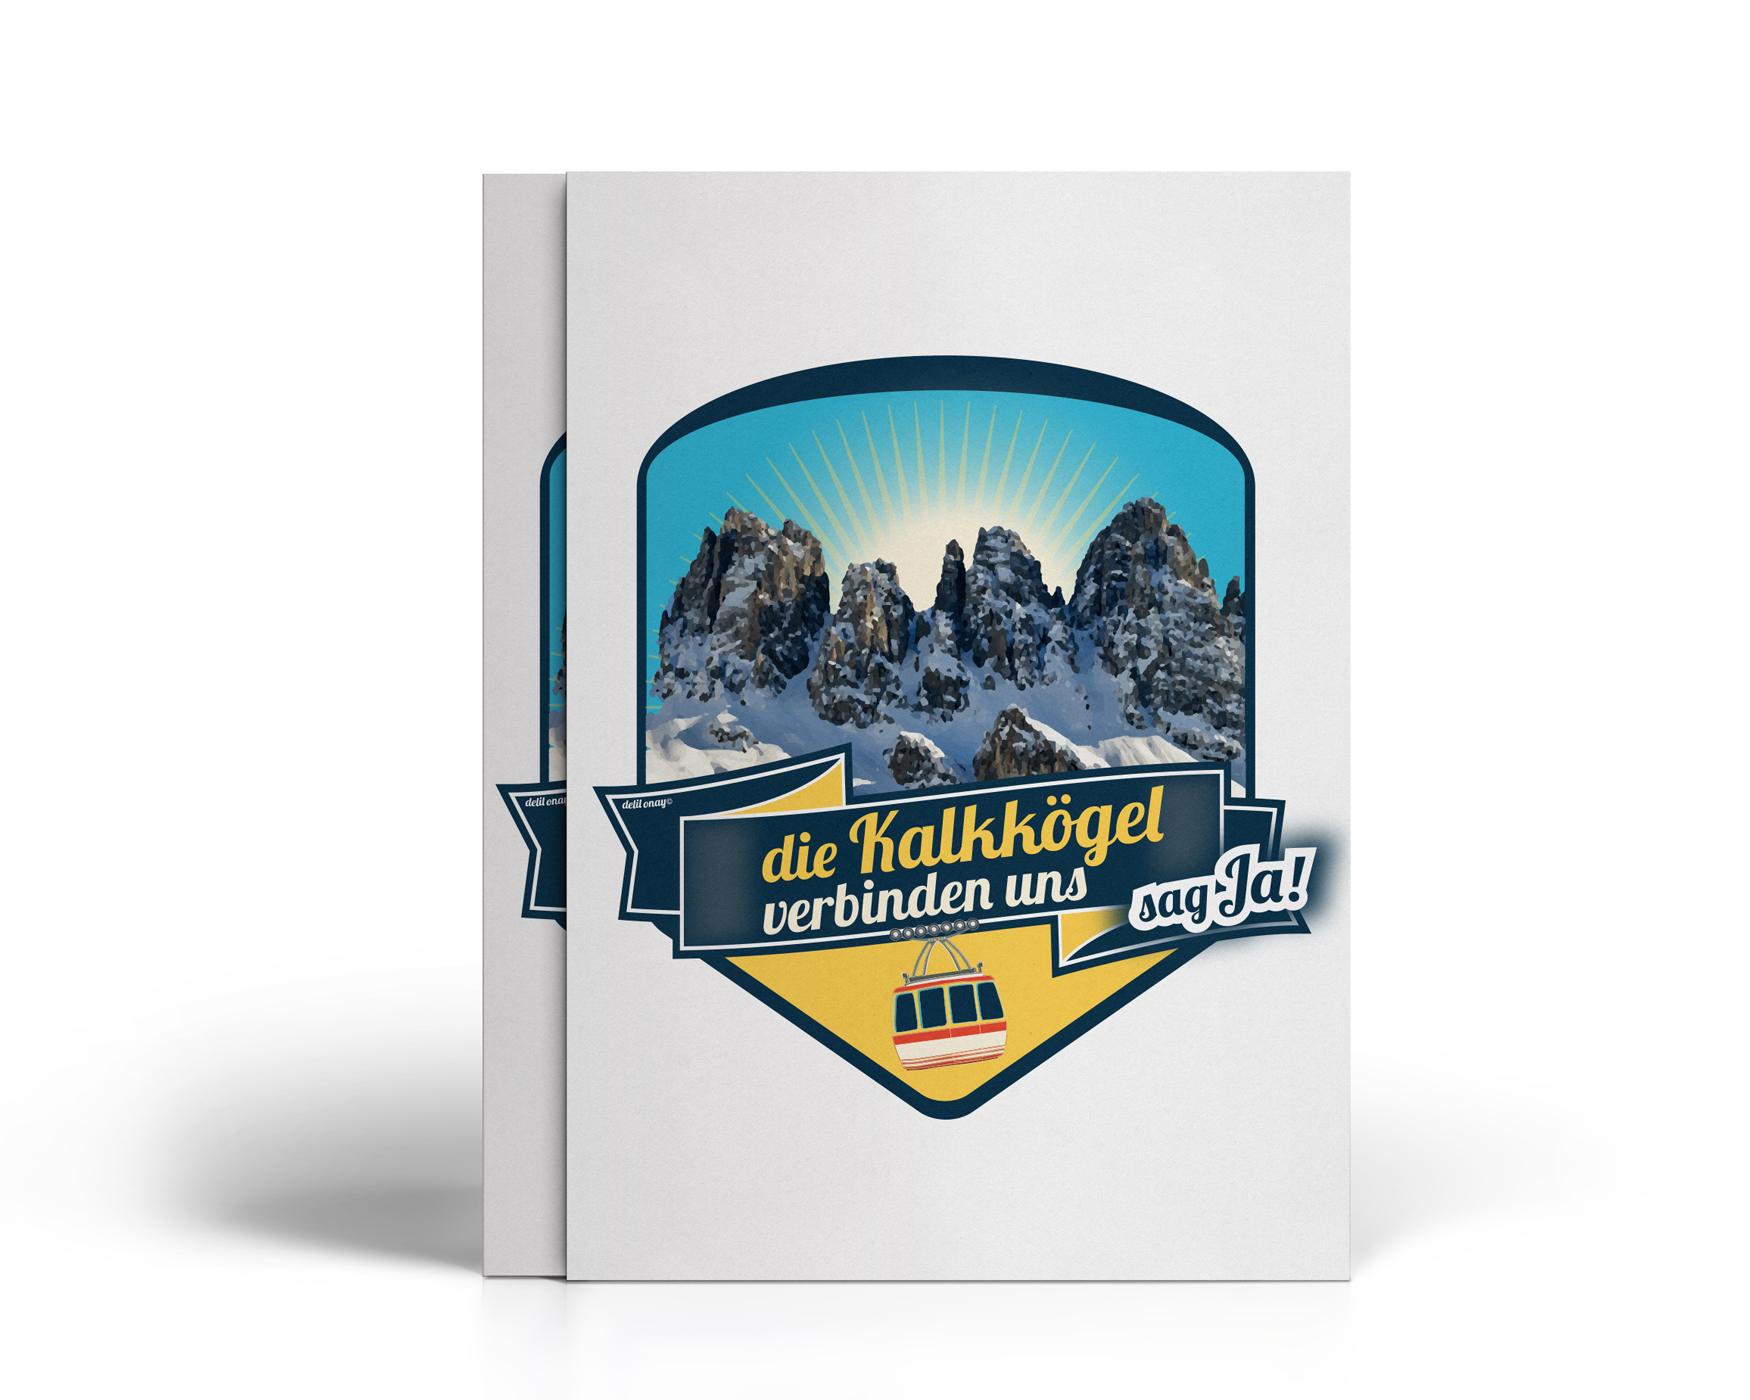 kalkkögel_logo